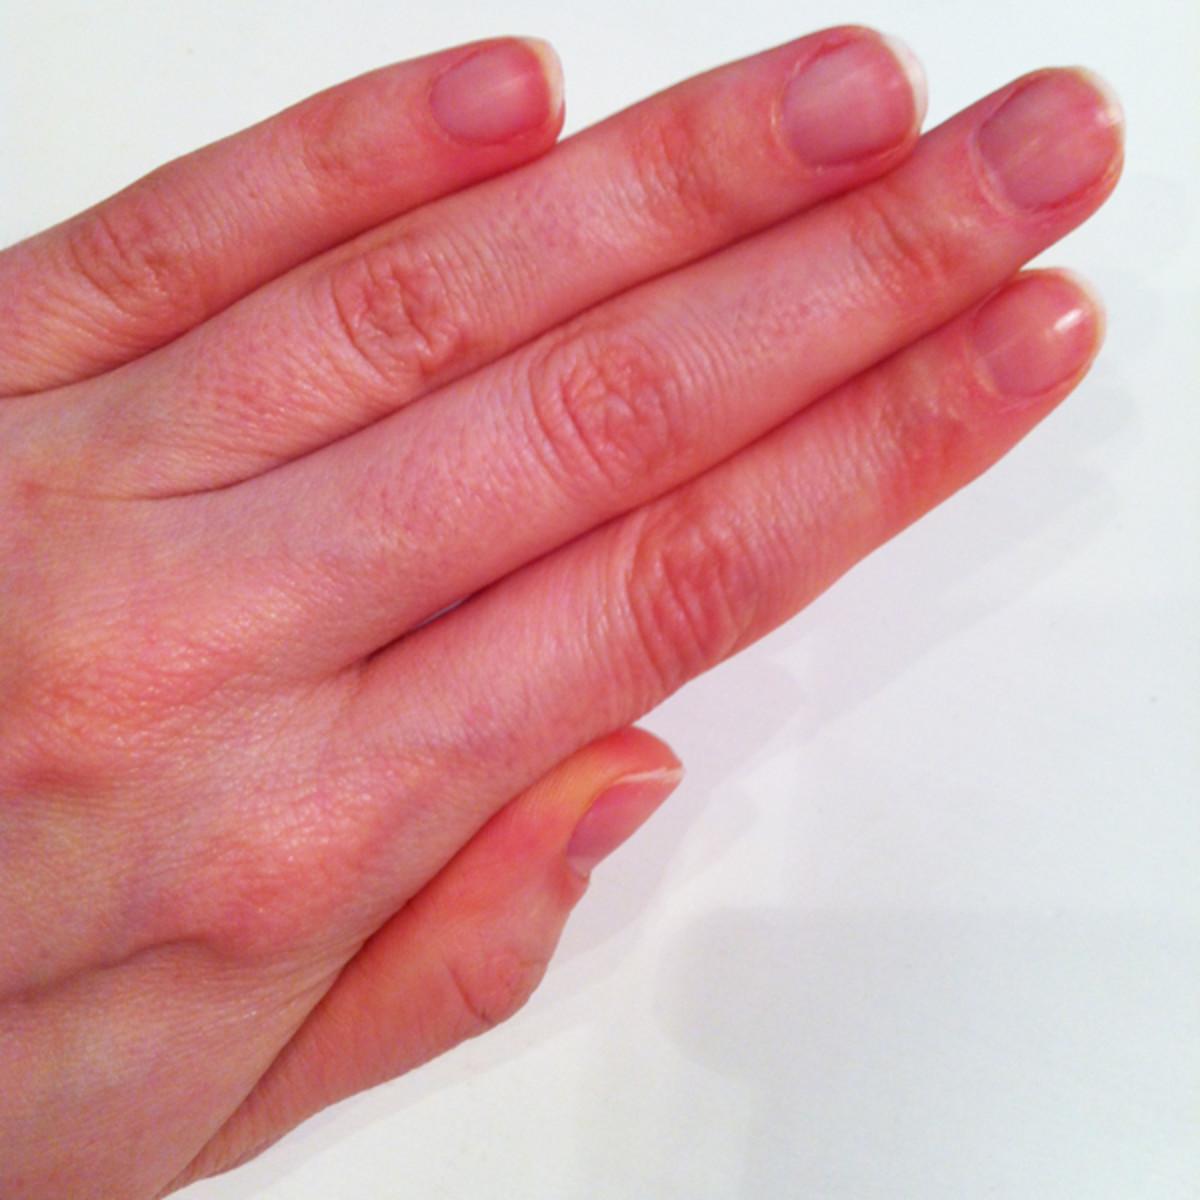 Nails before Dior Nail Glow